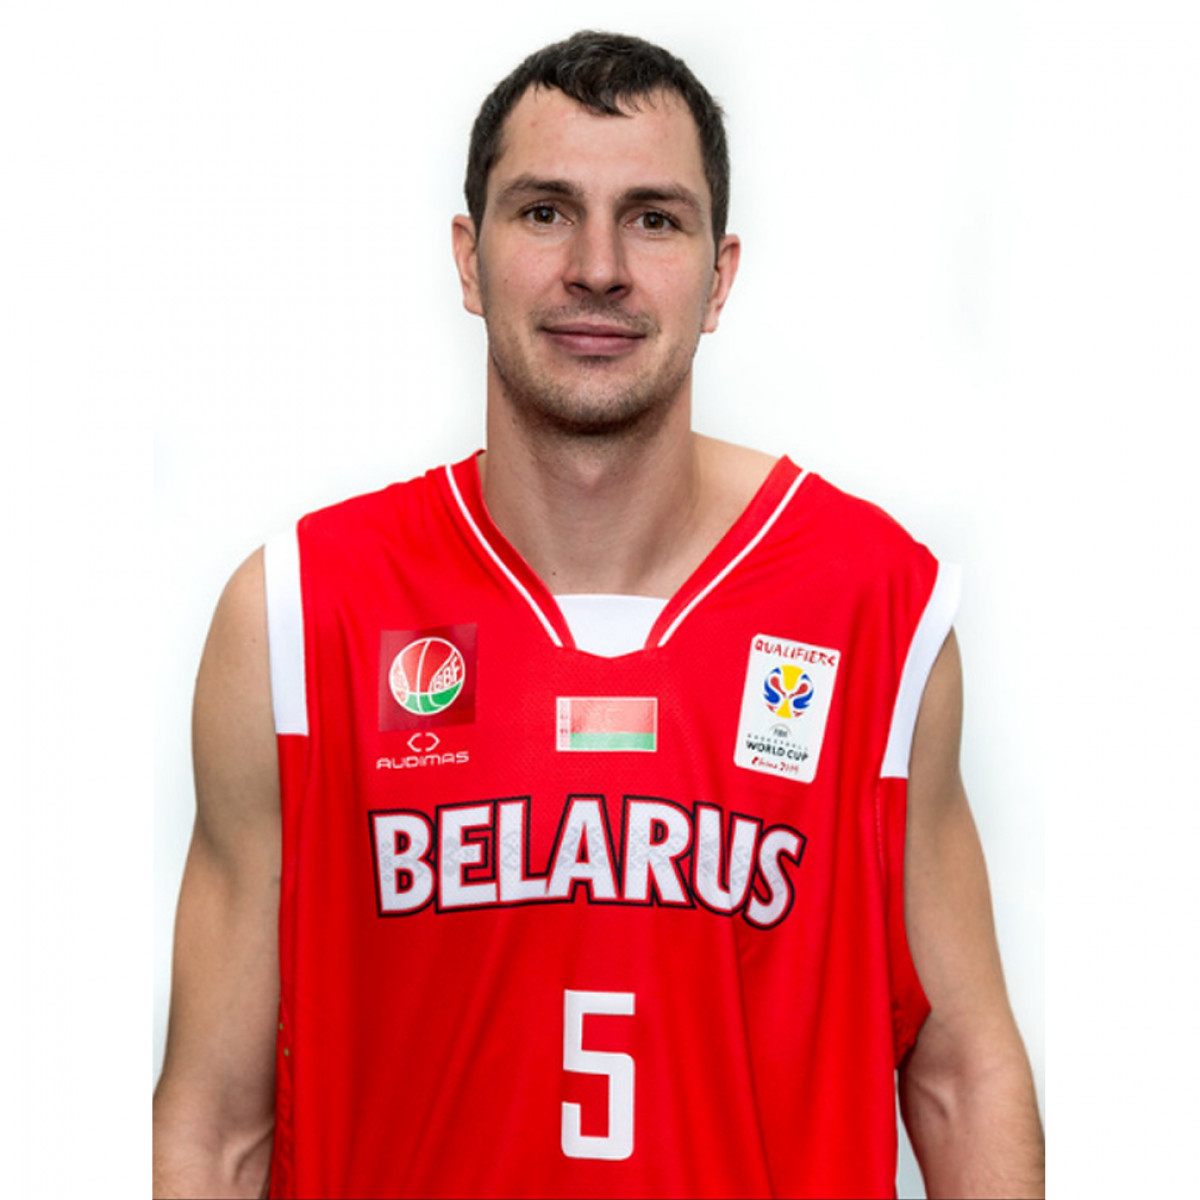 Photo of Aliaksei Trastsinetski, 2017-2018 season